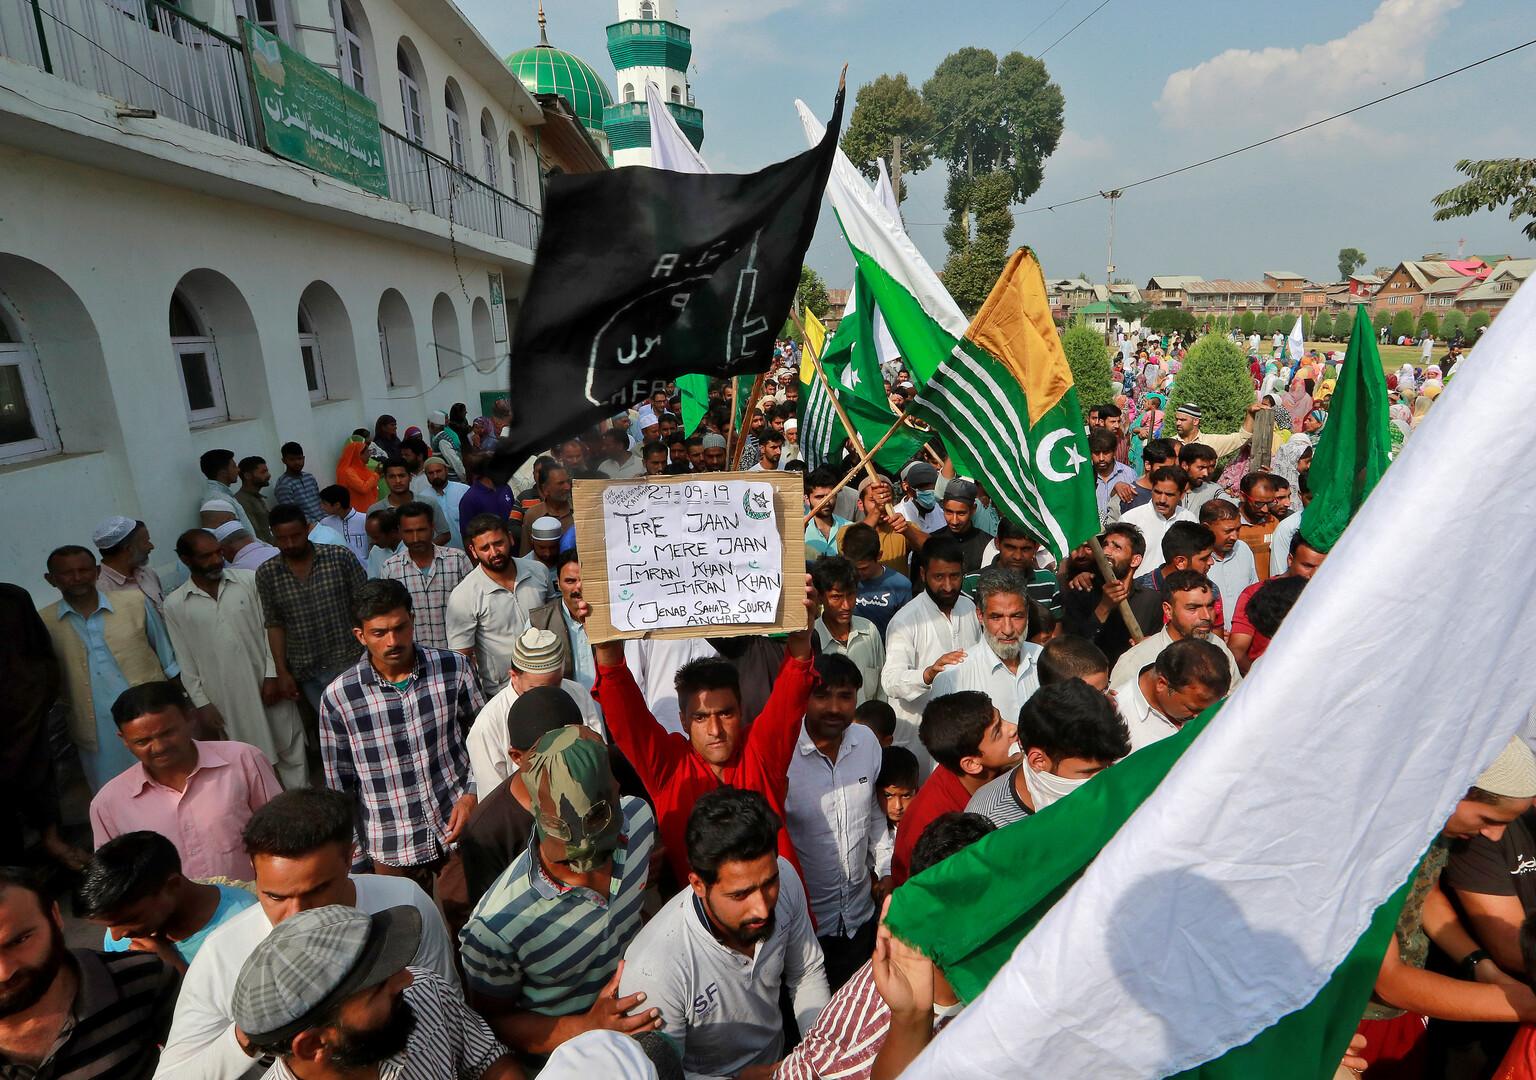 الهند تفرض قيودا إضافية في كشمير على خلفية أعمال الجمعية العامة